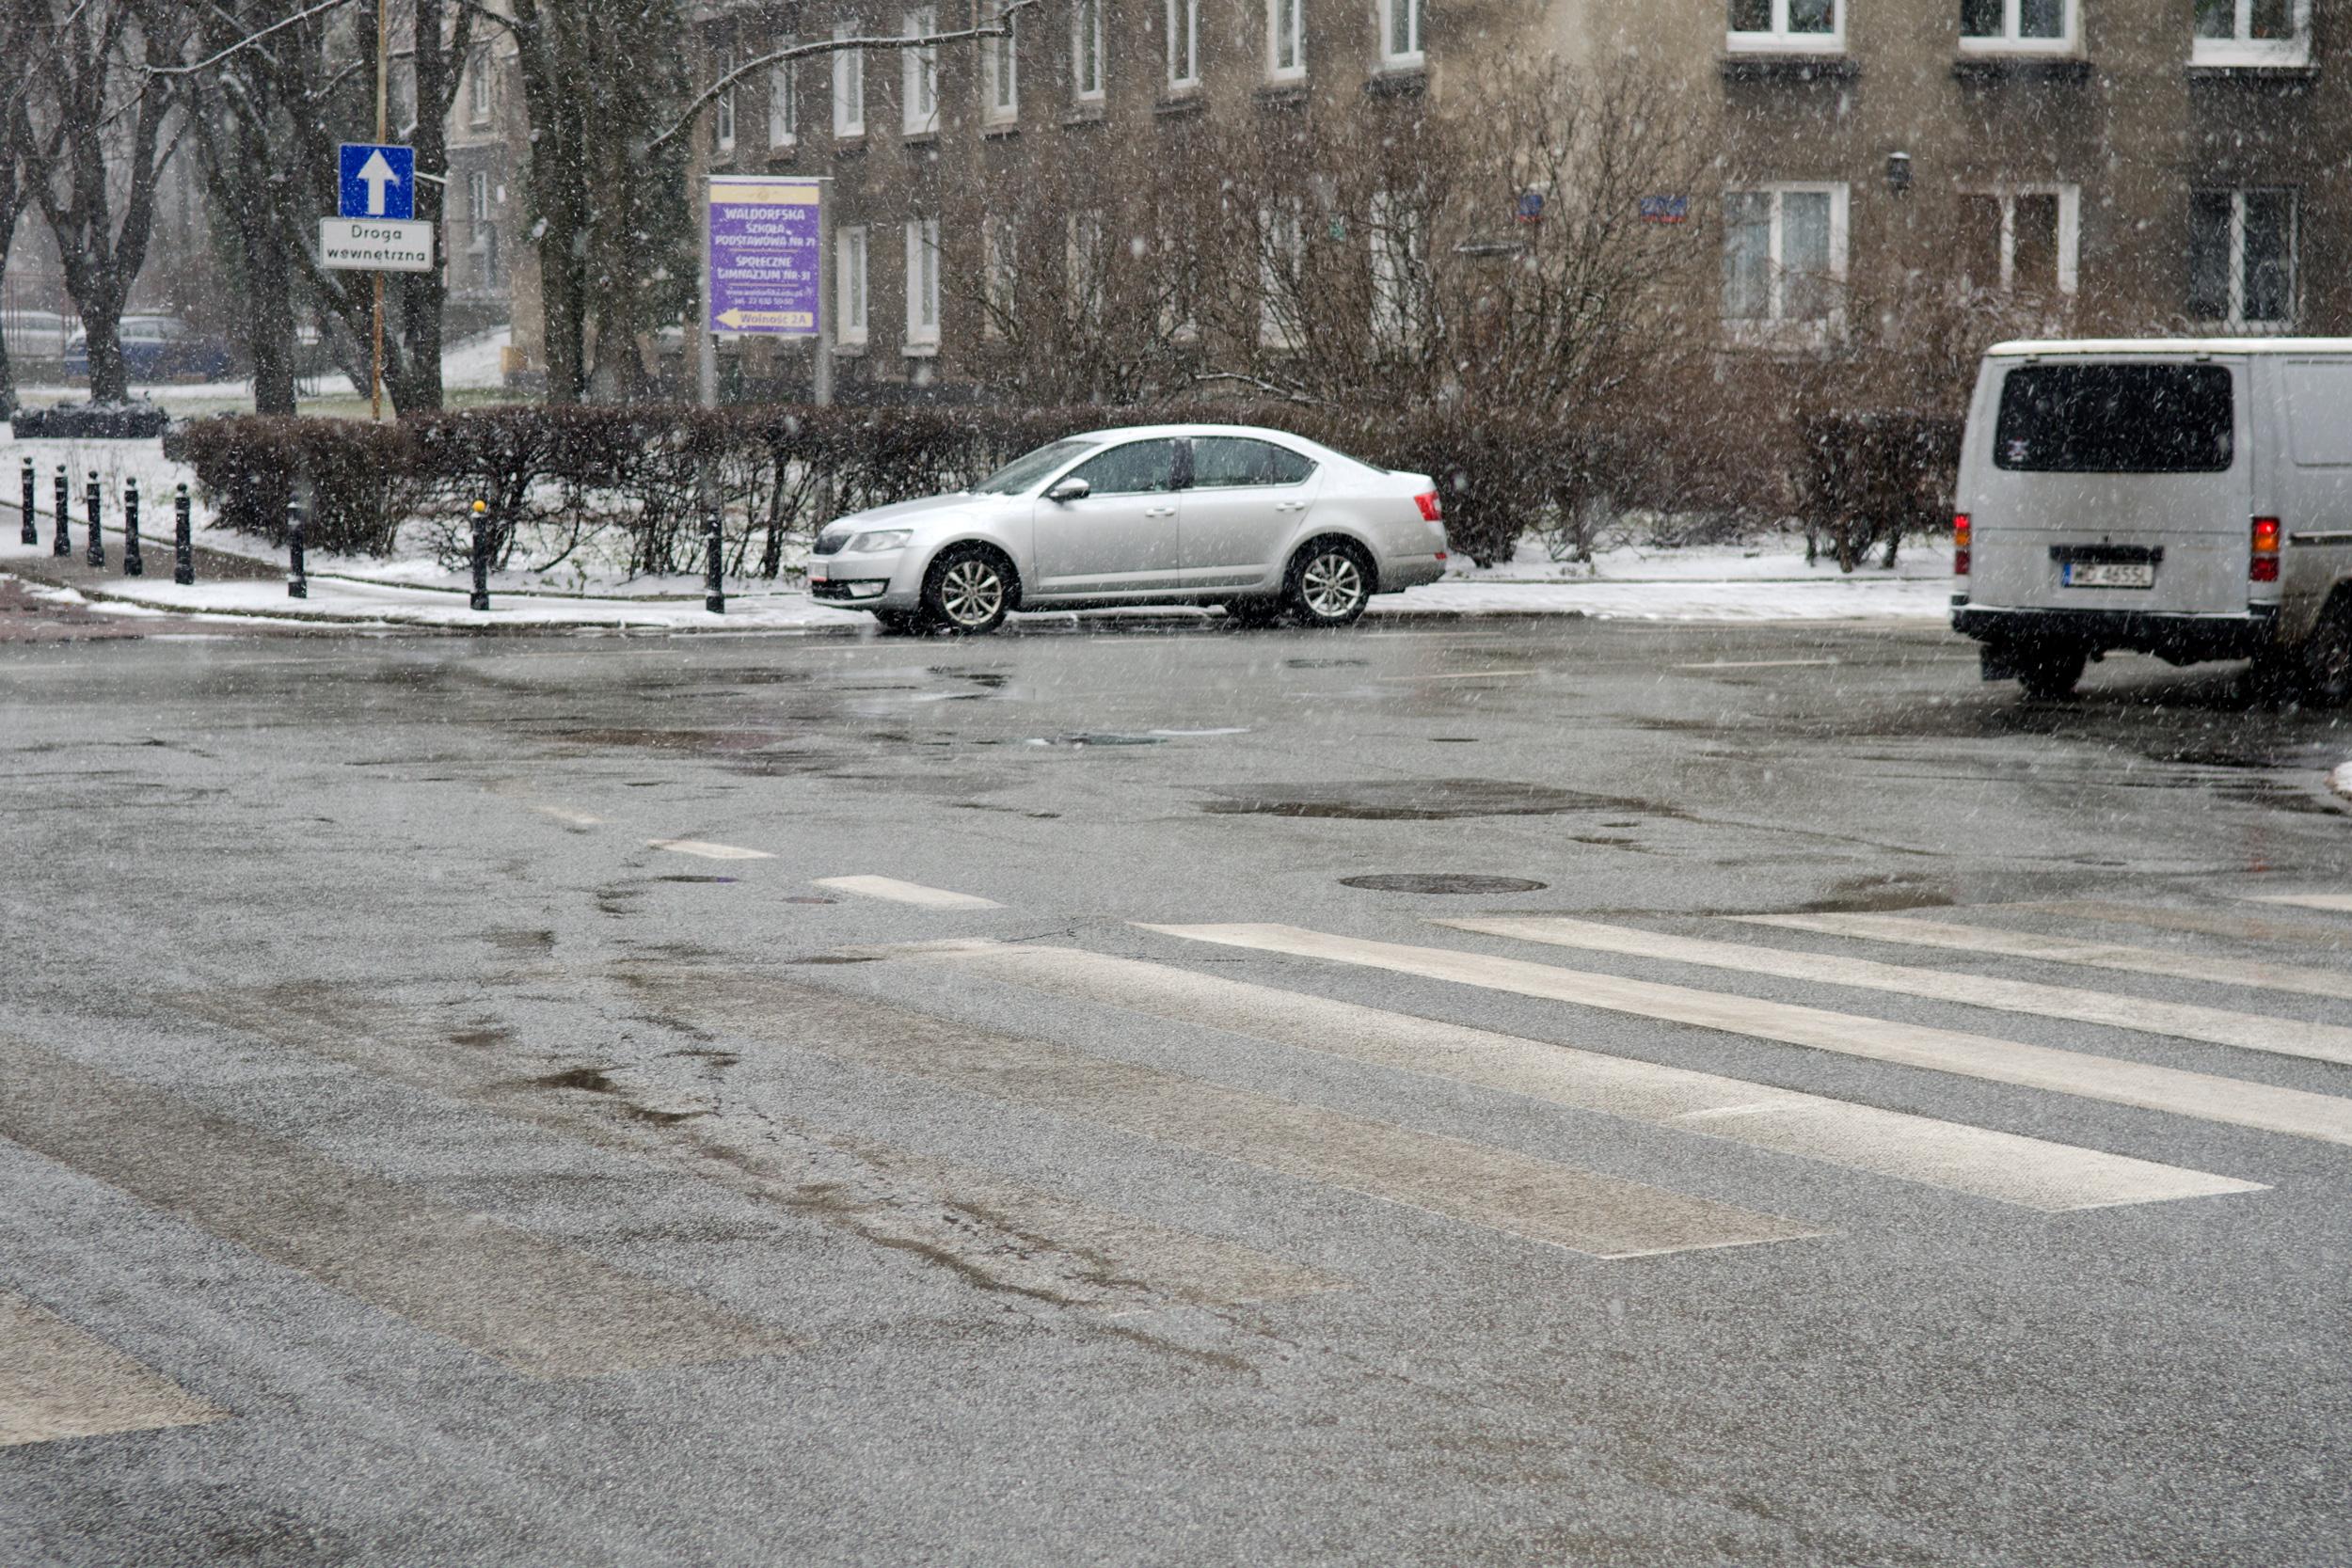 ul. Żelazna, róg Nowolipia, widoczny zakręt torów tramwajowe nawysokości szpitala św.Zofii, fot.Jarek Zuzga